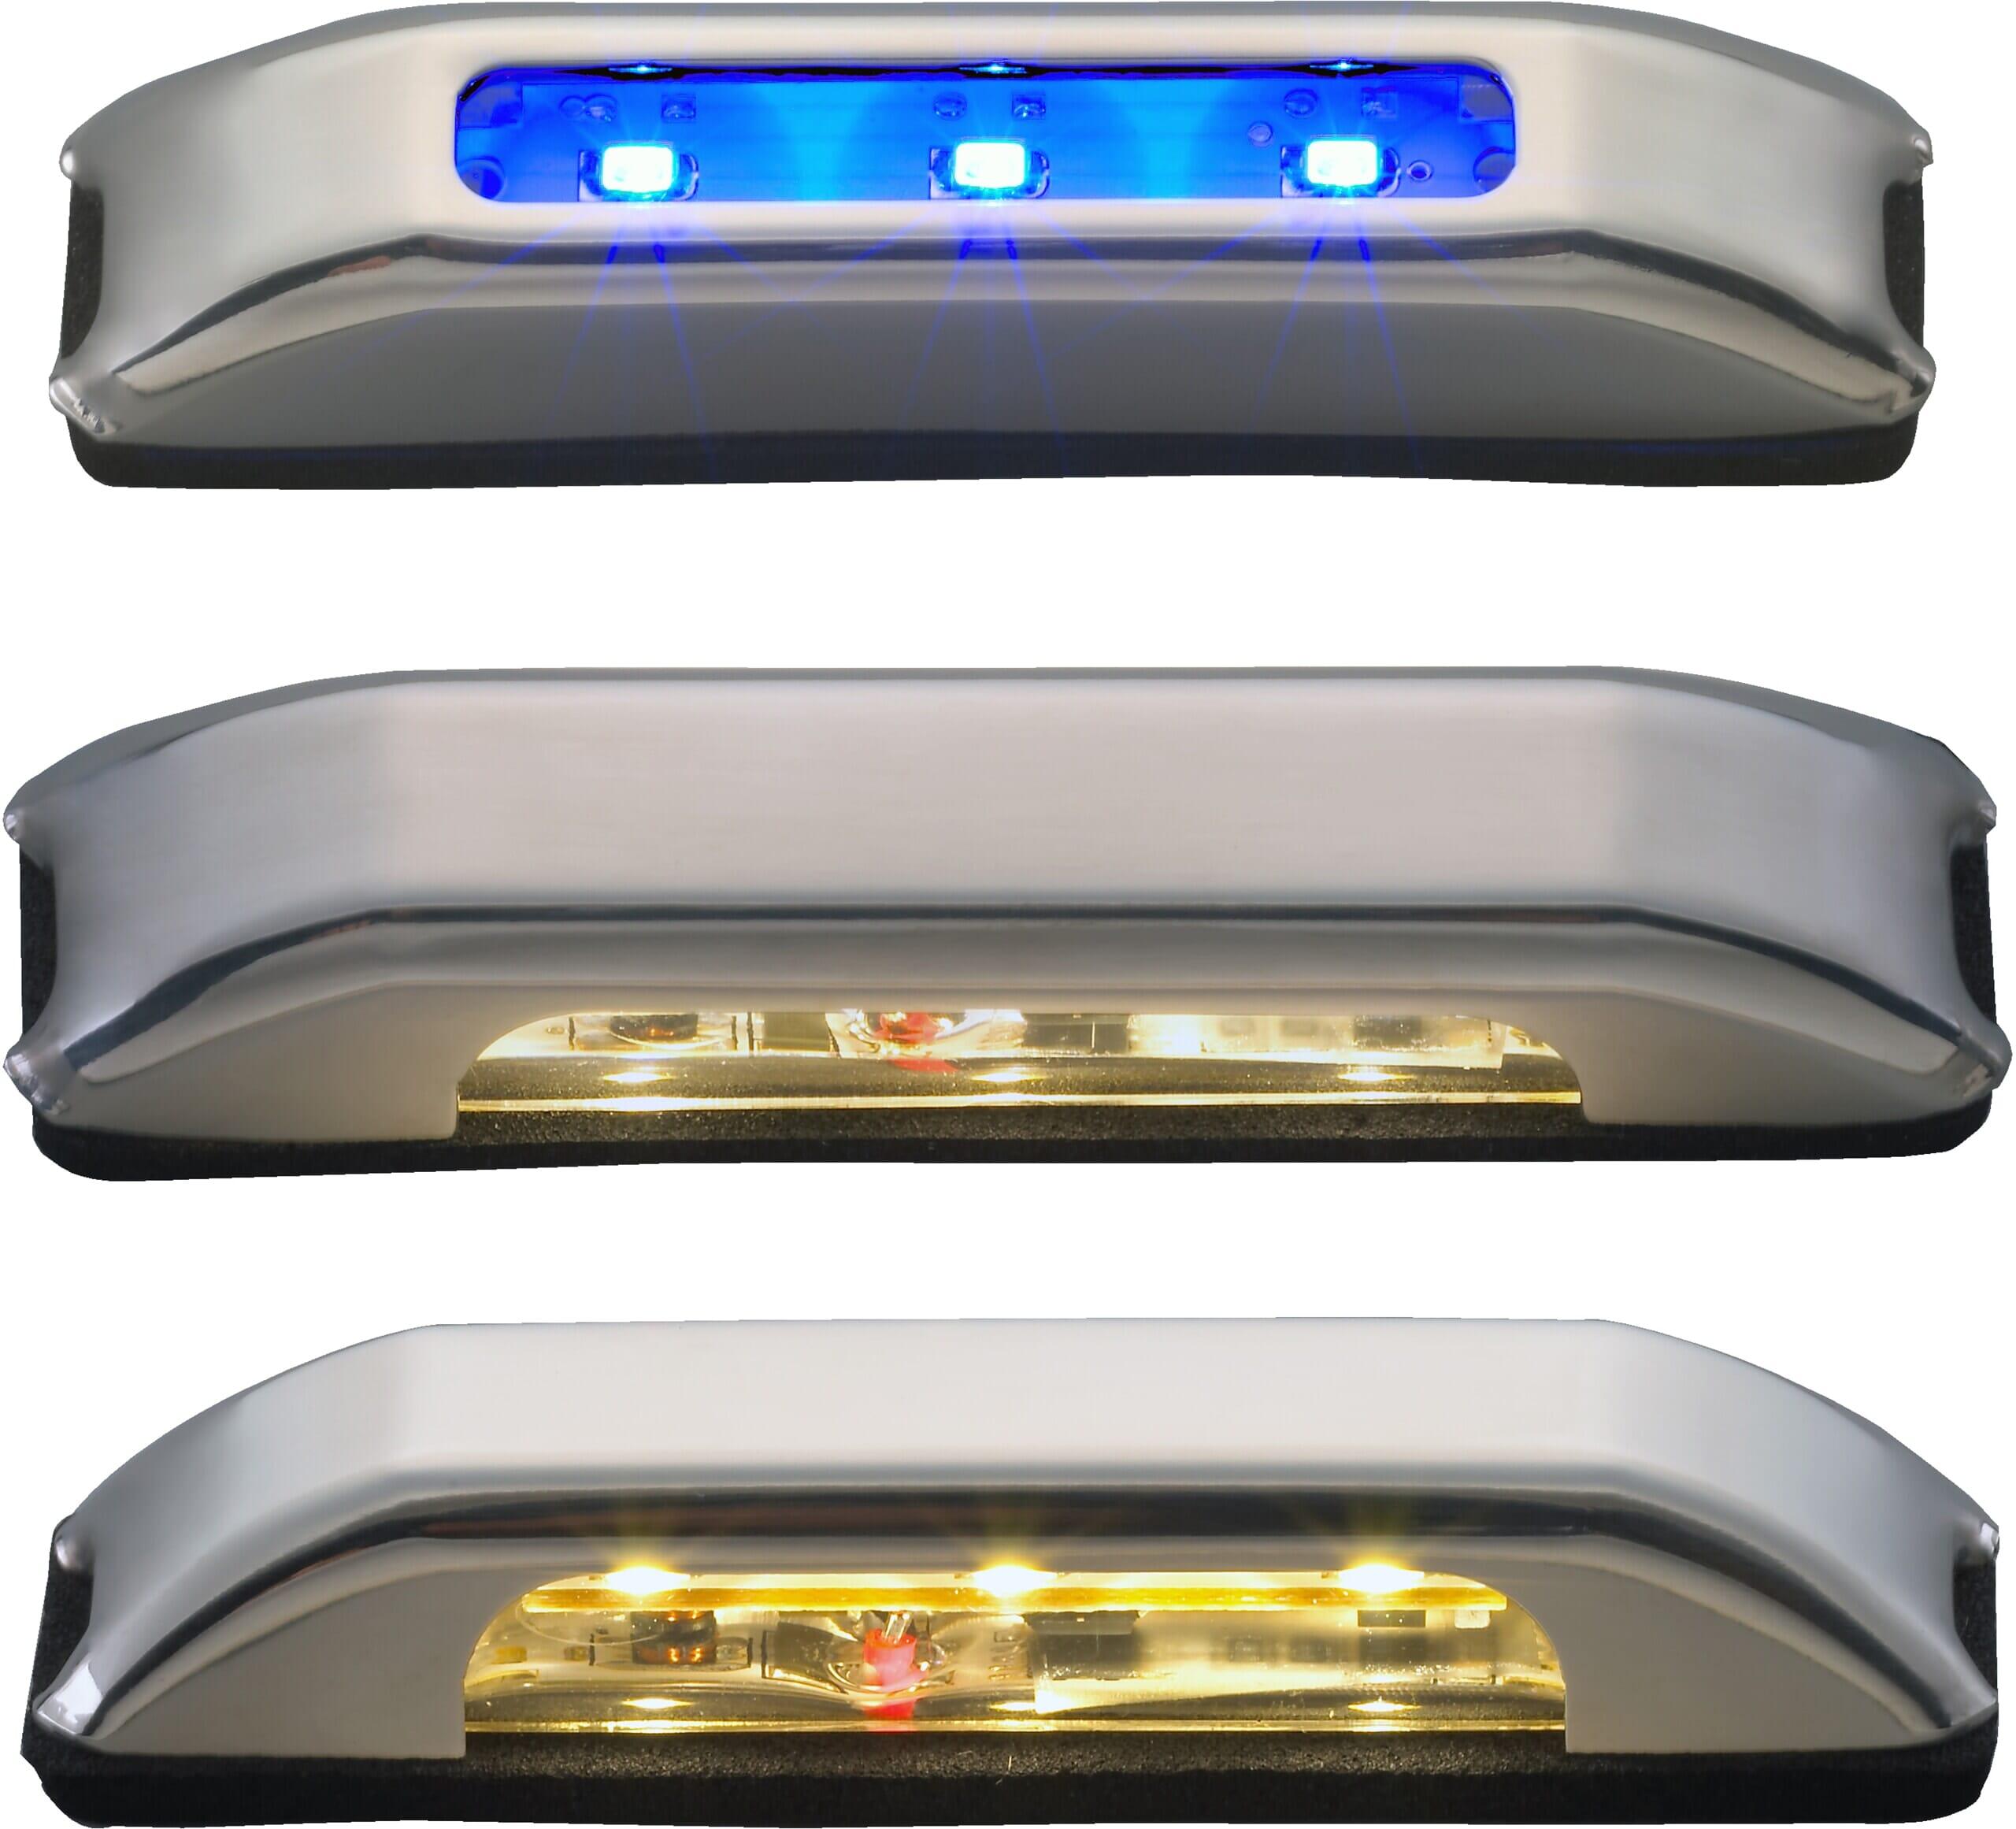 Kupèlys LED, rustfritt stål, IP 67, 180 grader Eurofritid